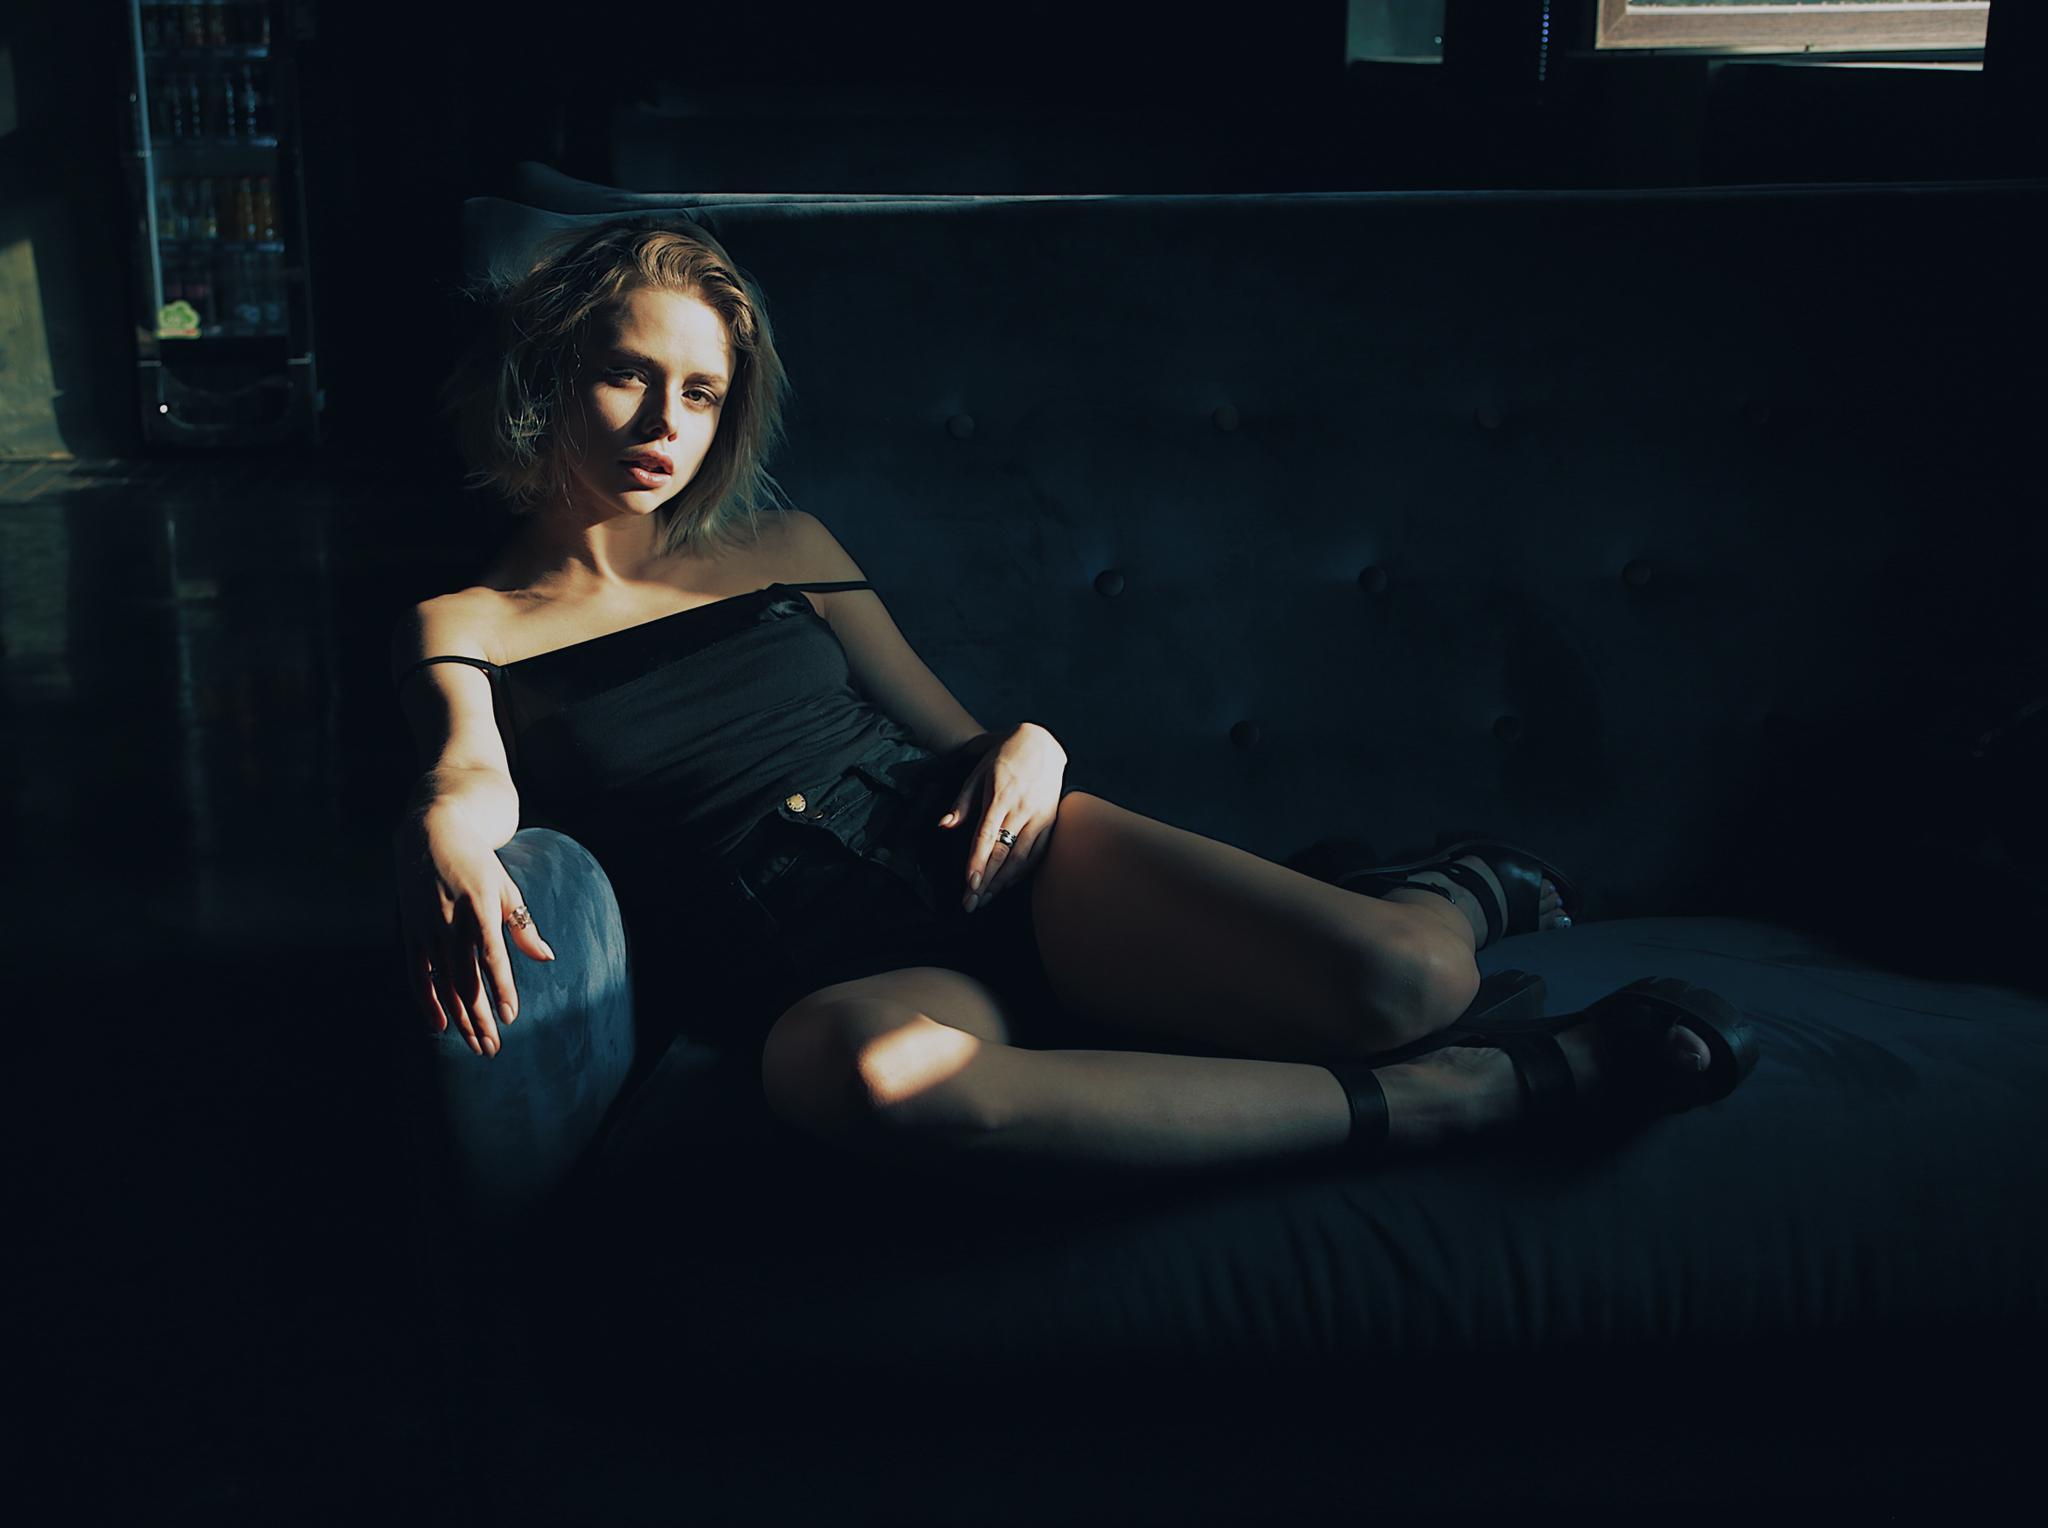 Анастасия Акатова фото плейбой